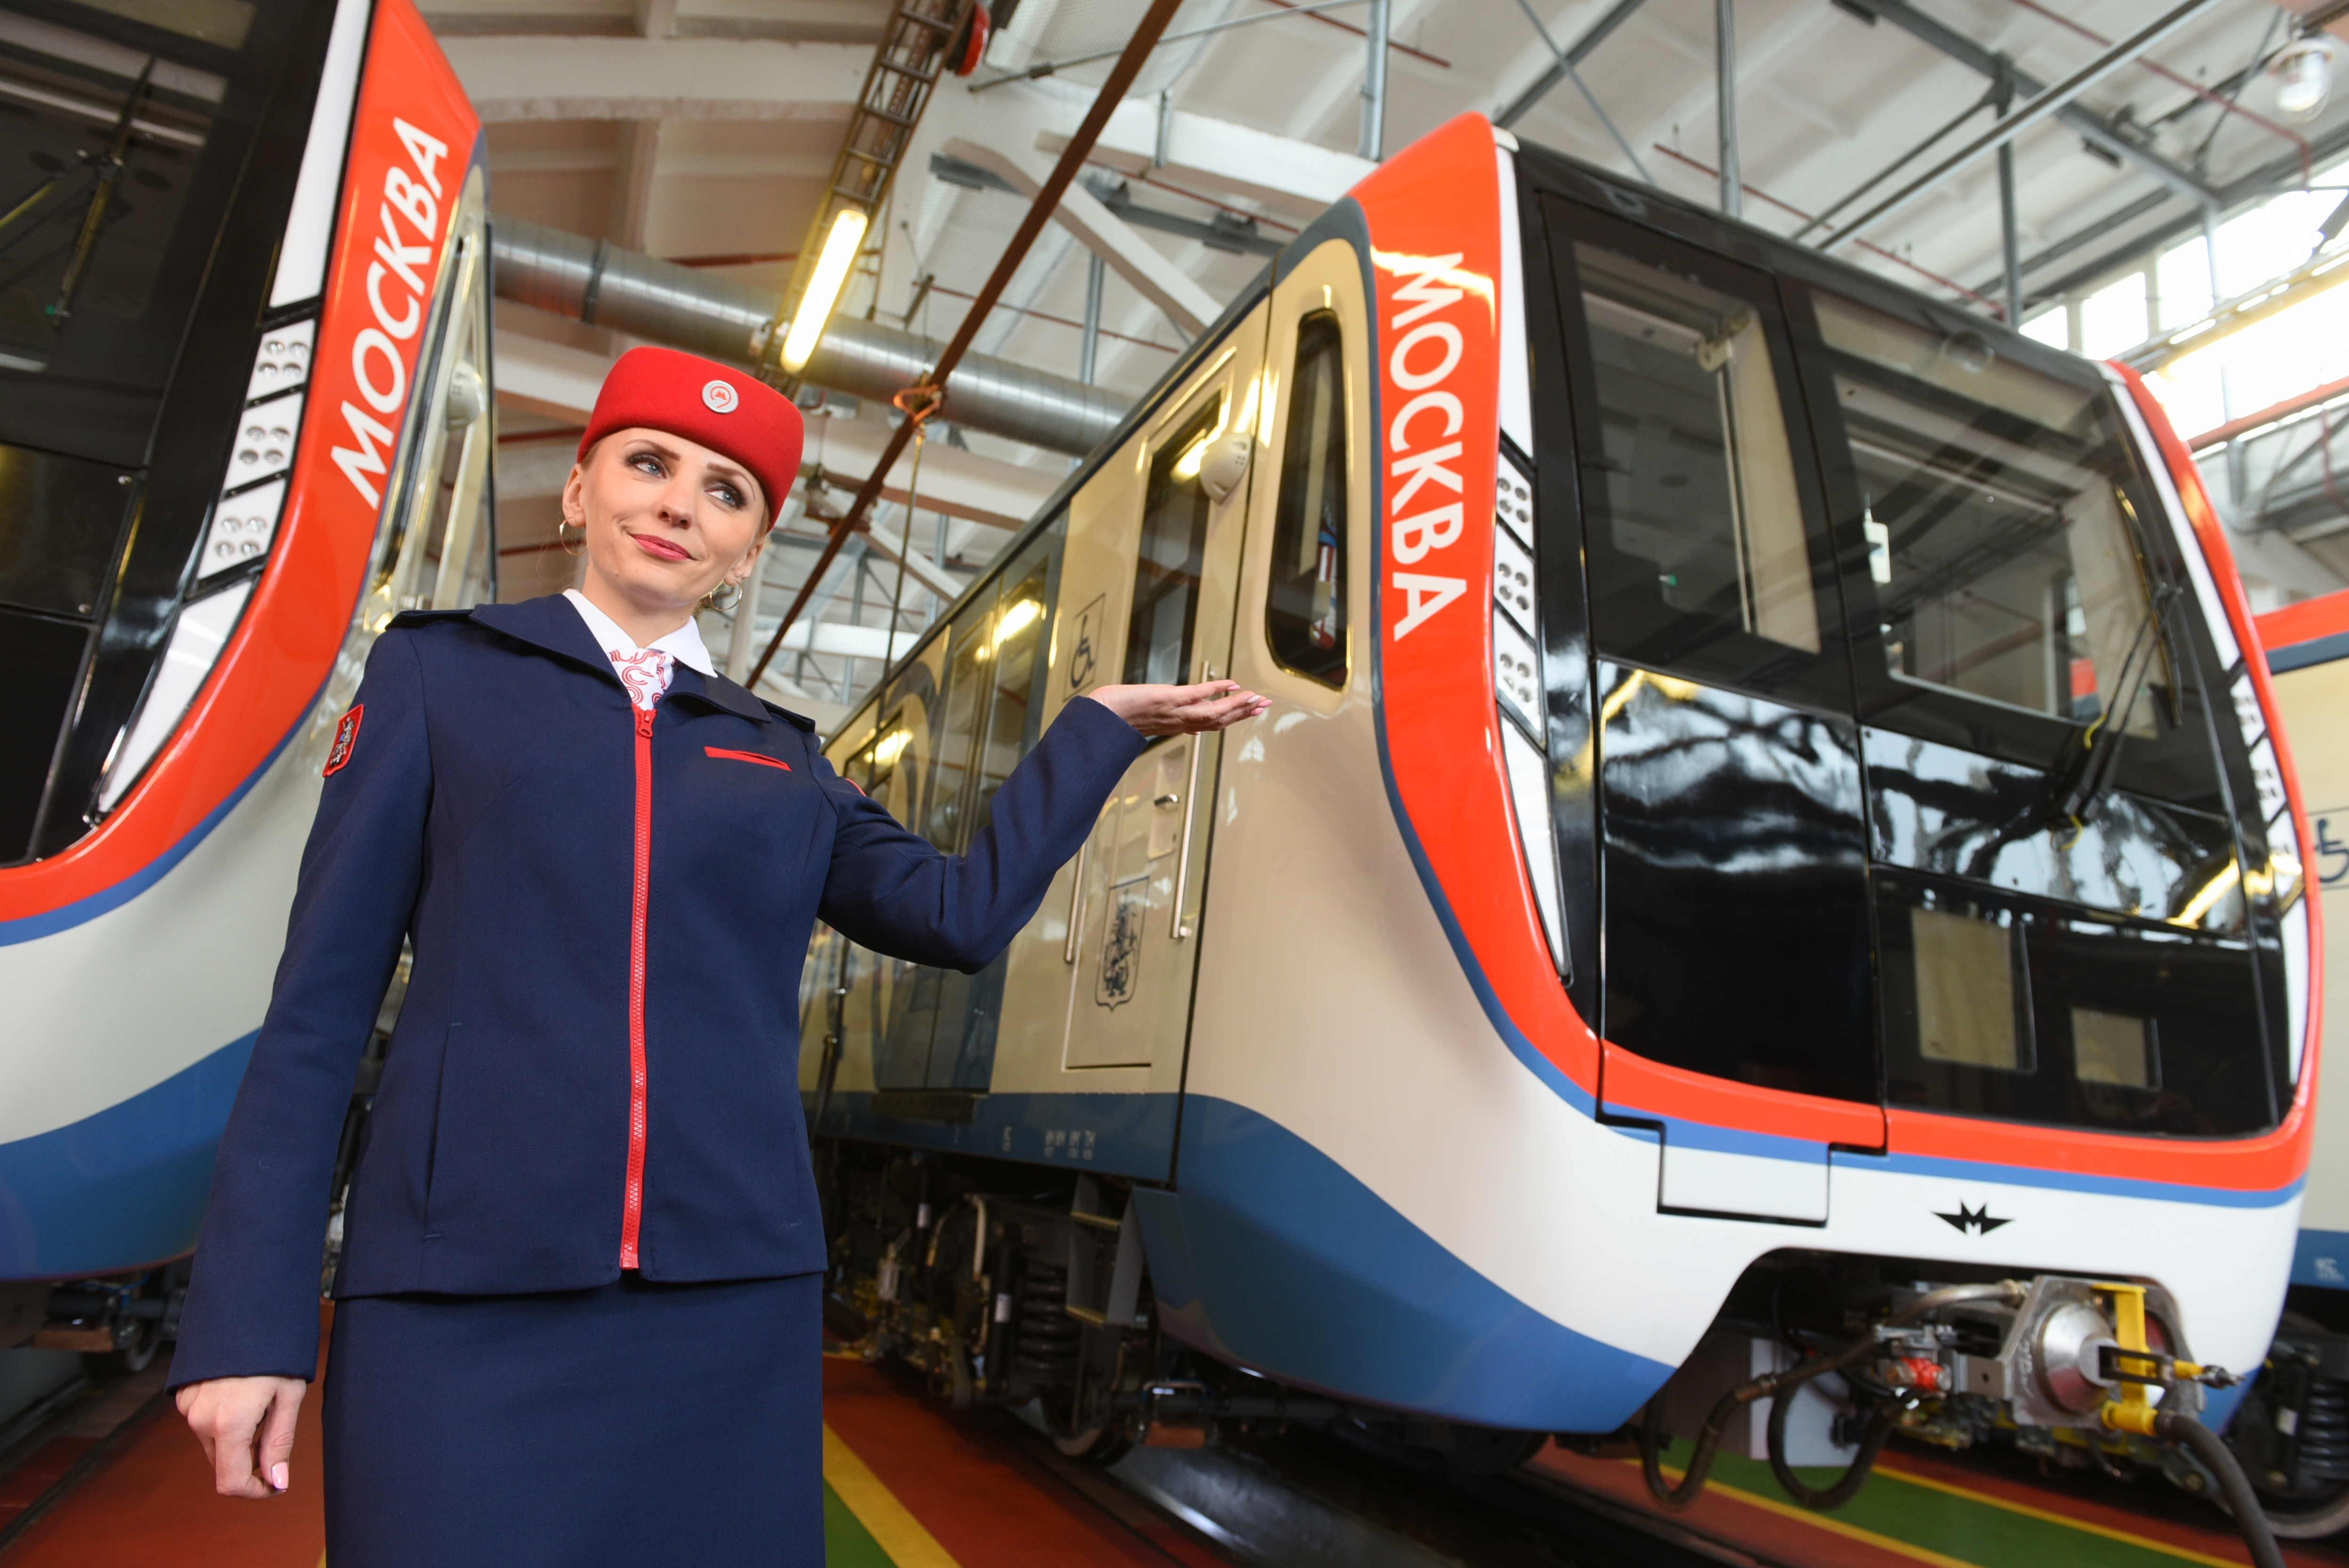 Четыре линии метро планируют развить в Новой Москве